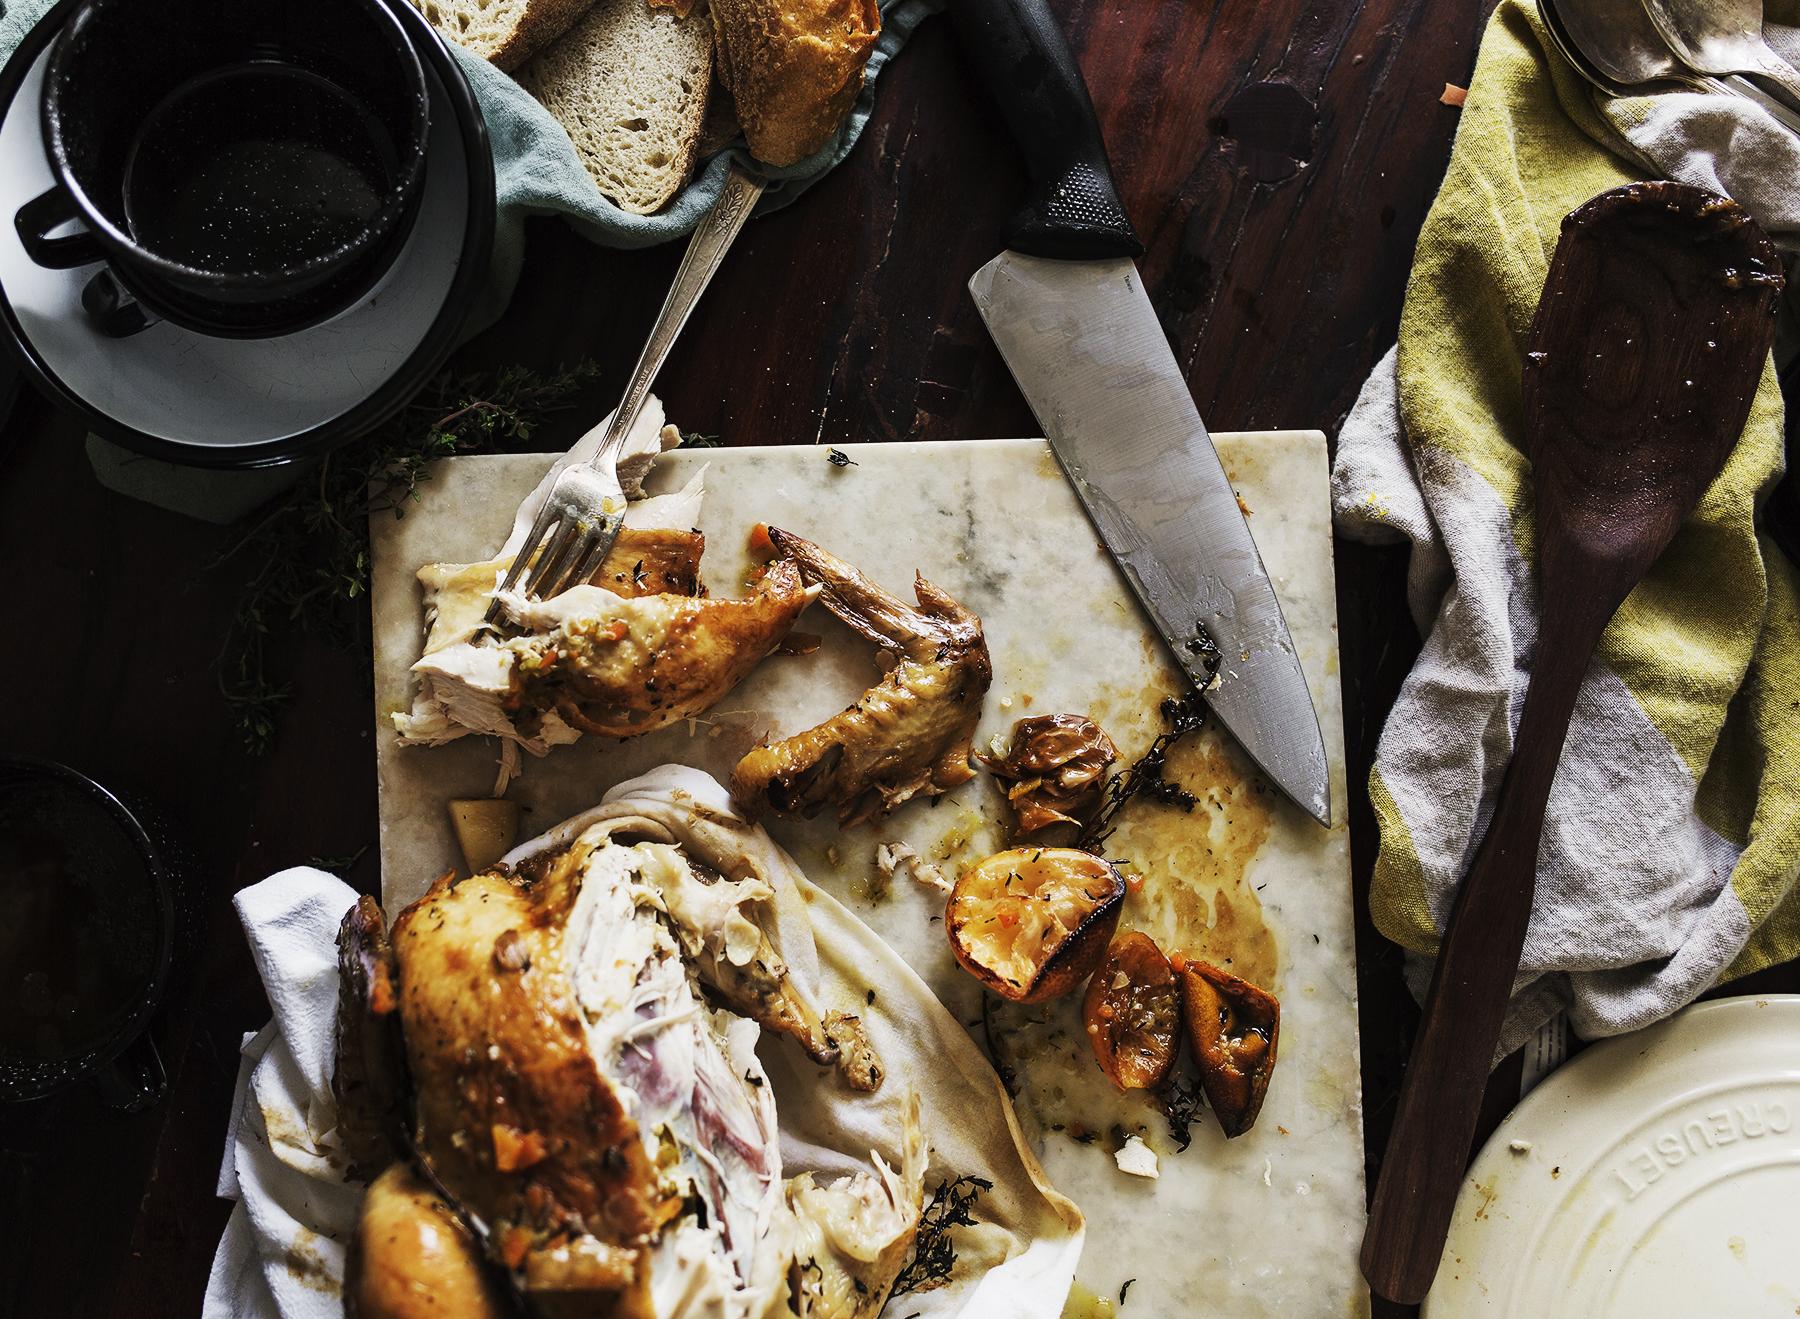 9371 chicken soup 5.jpg